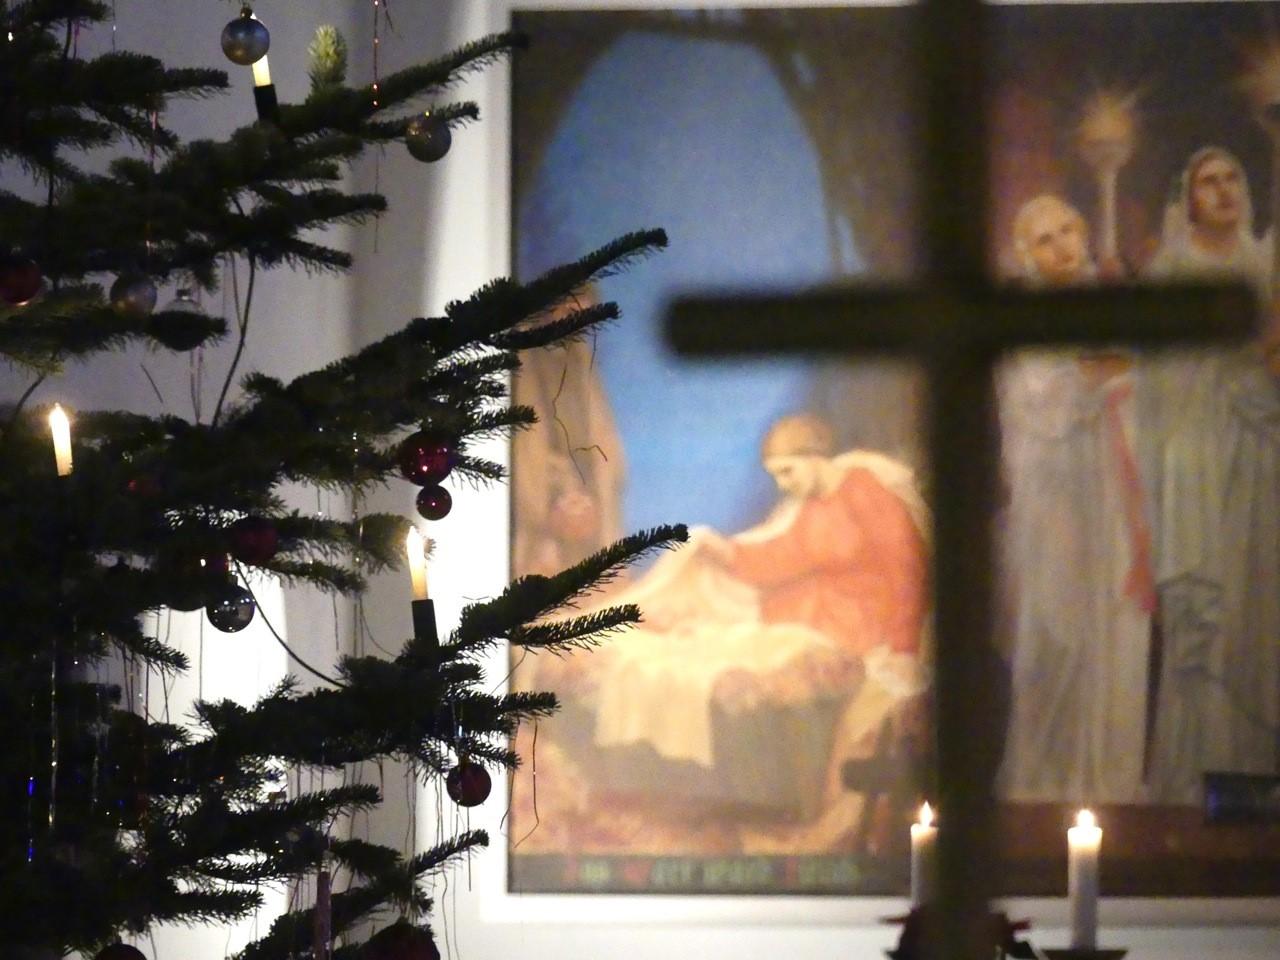 Artikel in der Kreiszeitung vom 11. Dezember 2020 zum festlichen Wunderland in der Kirche zum Guten Hirten